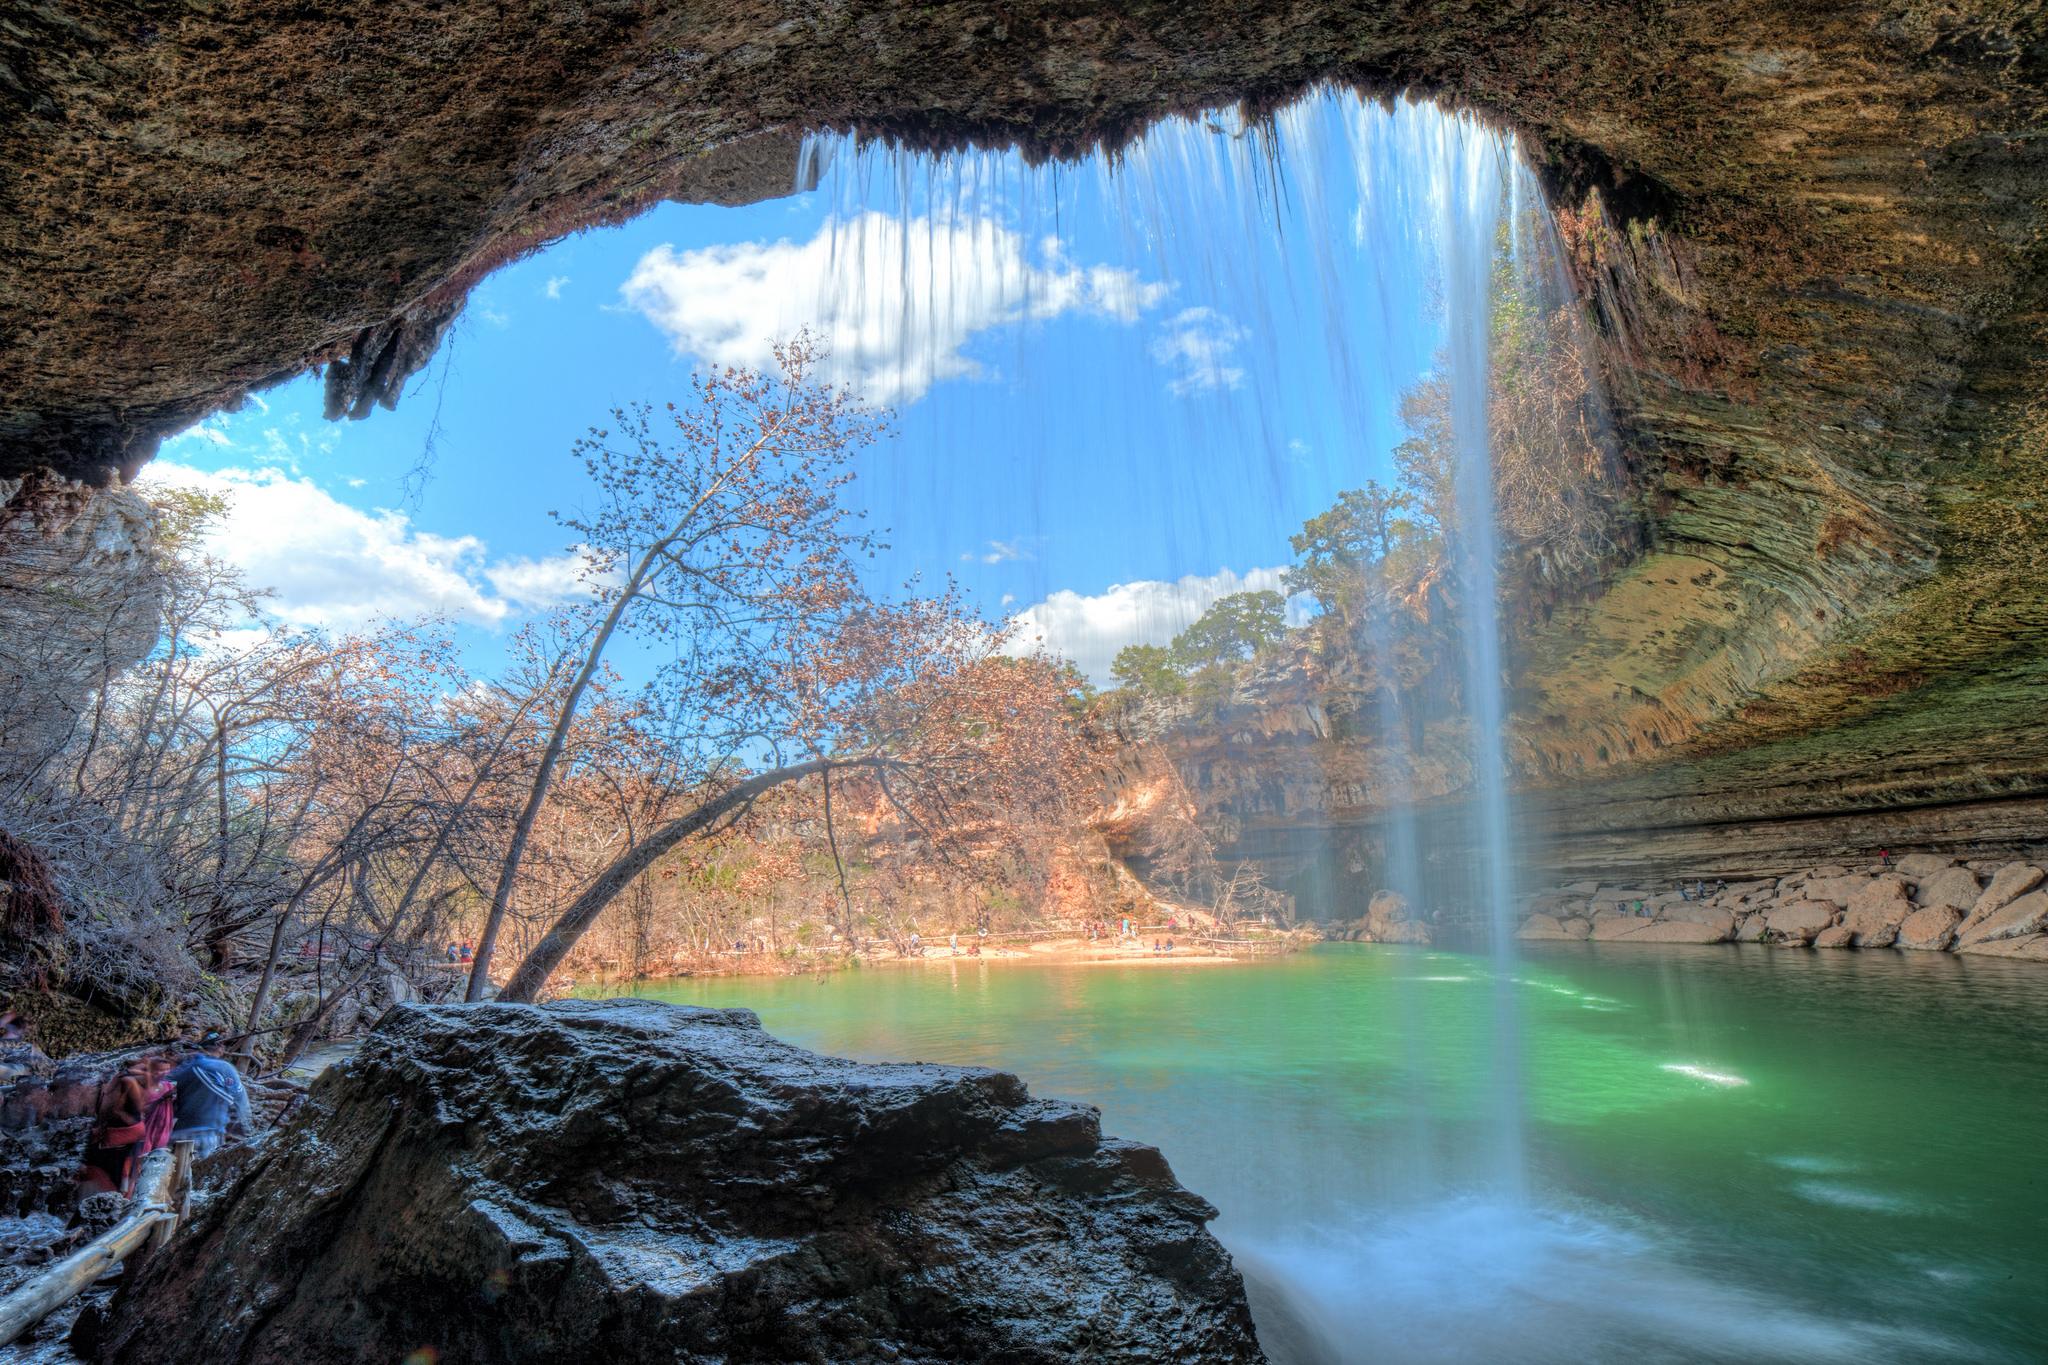 Boston Hd Wallpaper You Can Swim In The Waterfall At Hamilton Pool In Texas